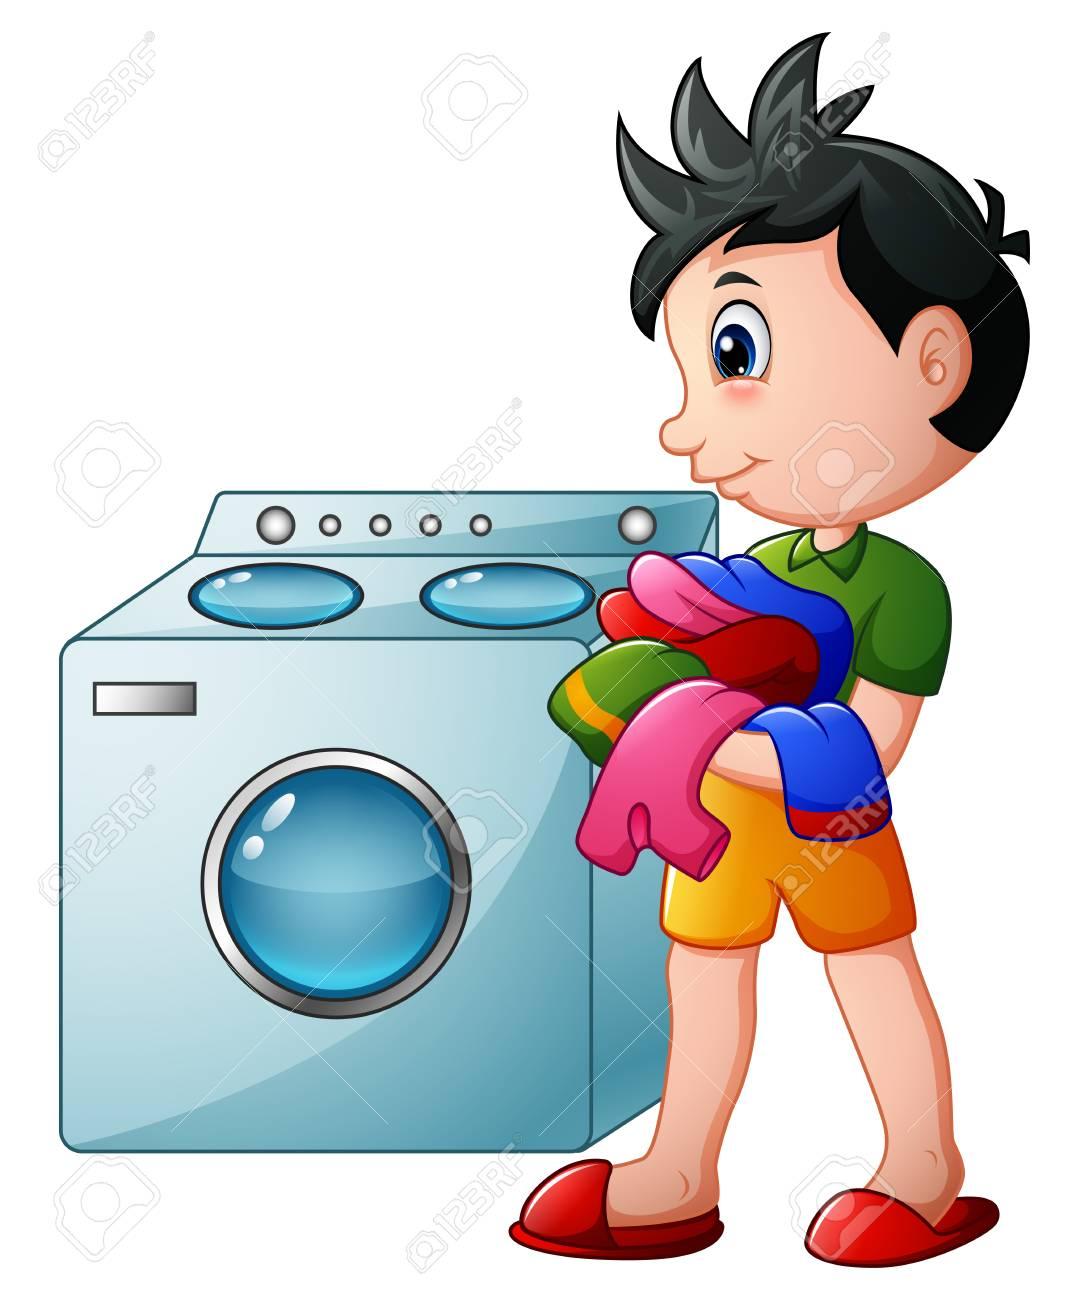 Boy doing laundry with washing machine.